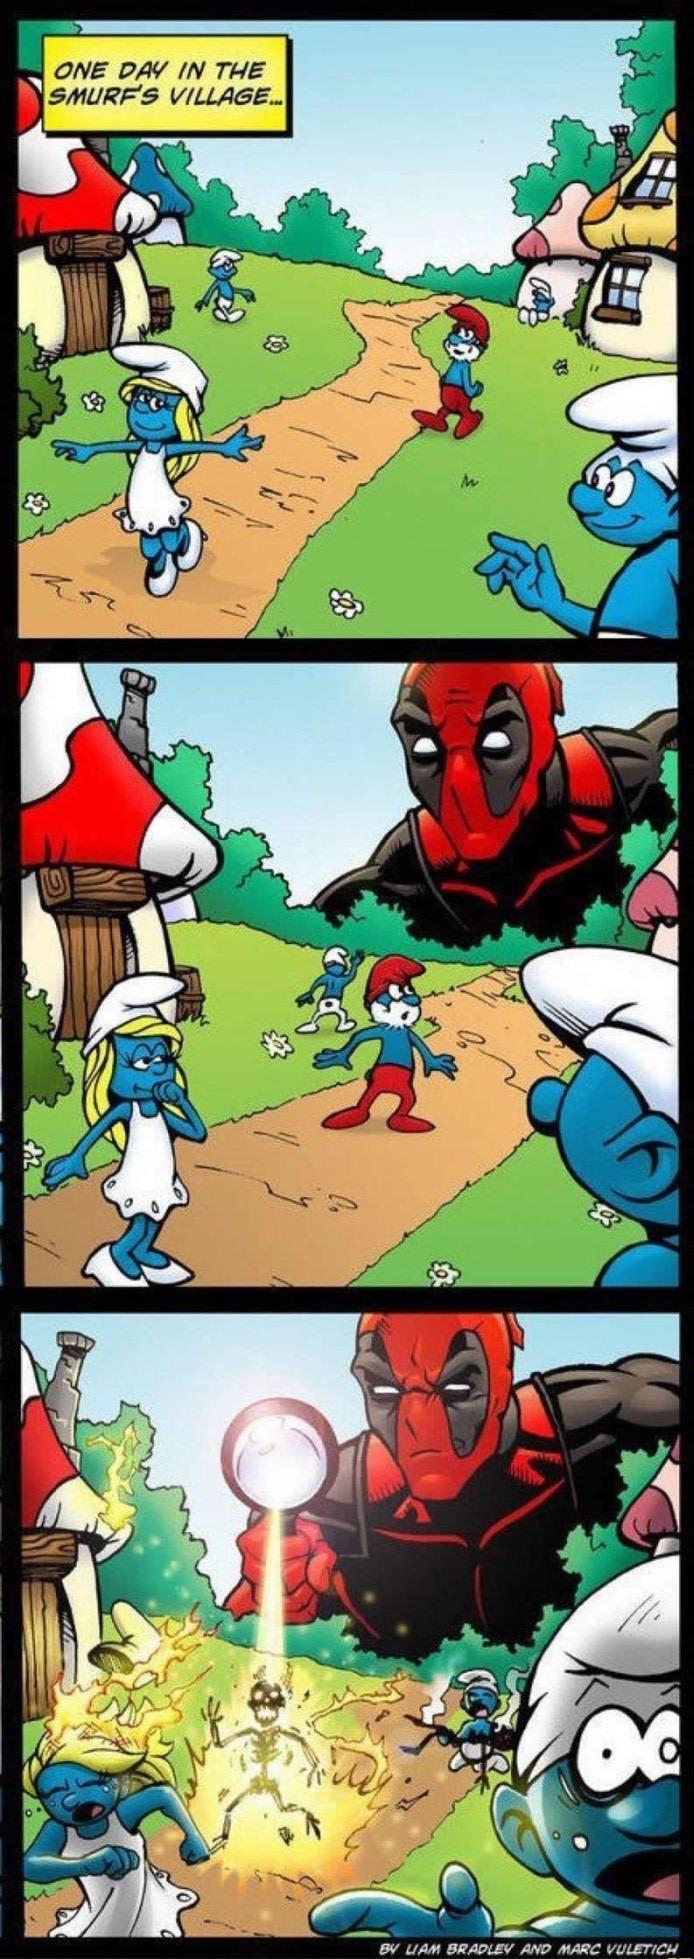 A**hole Deadpool